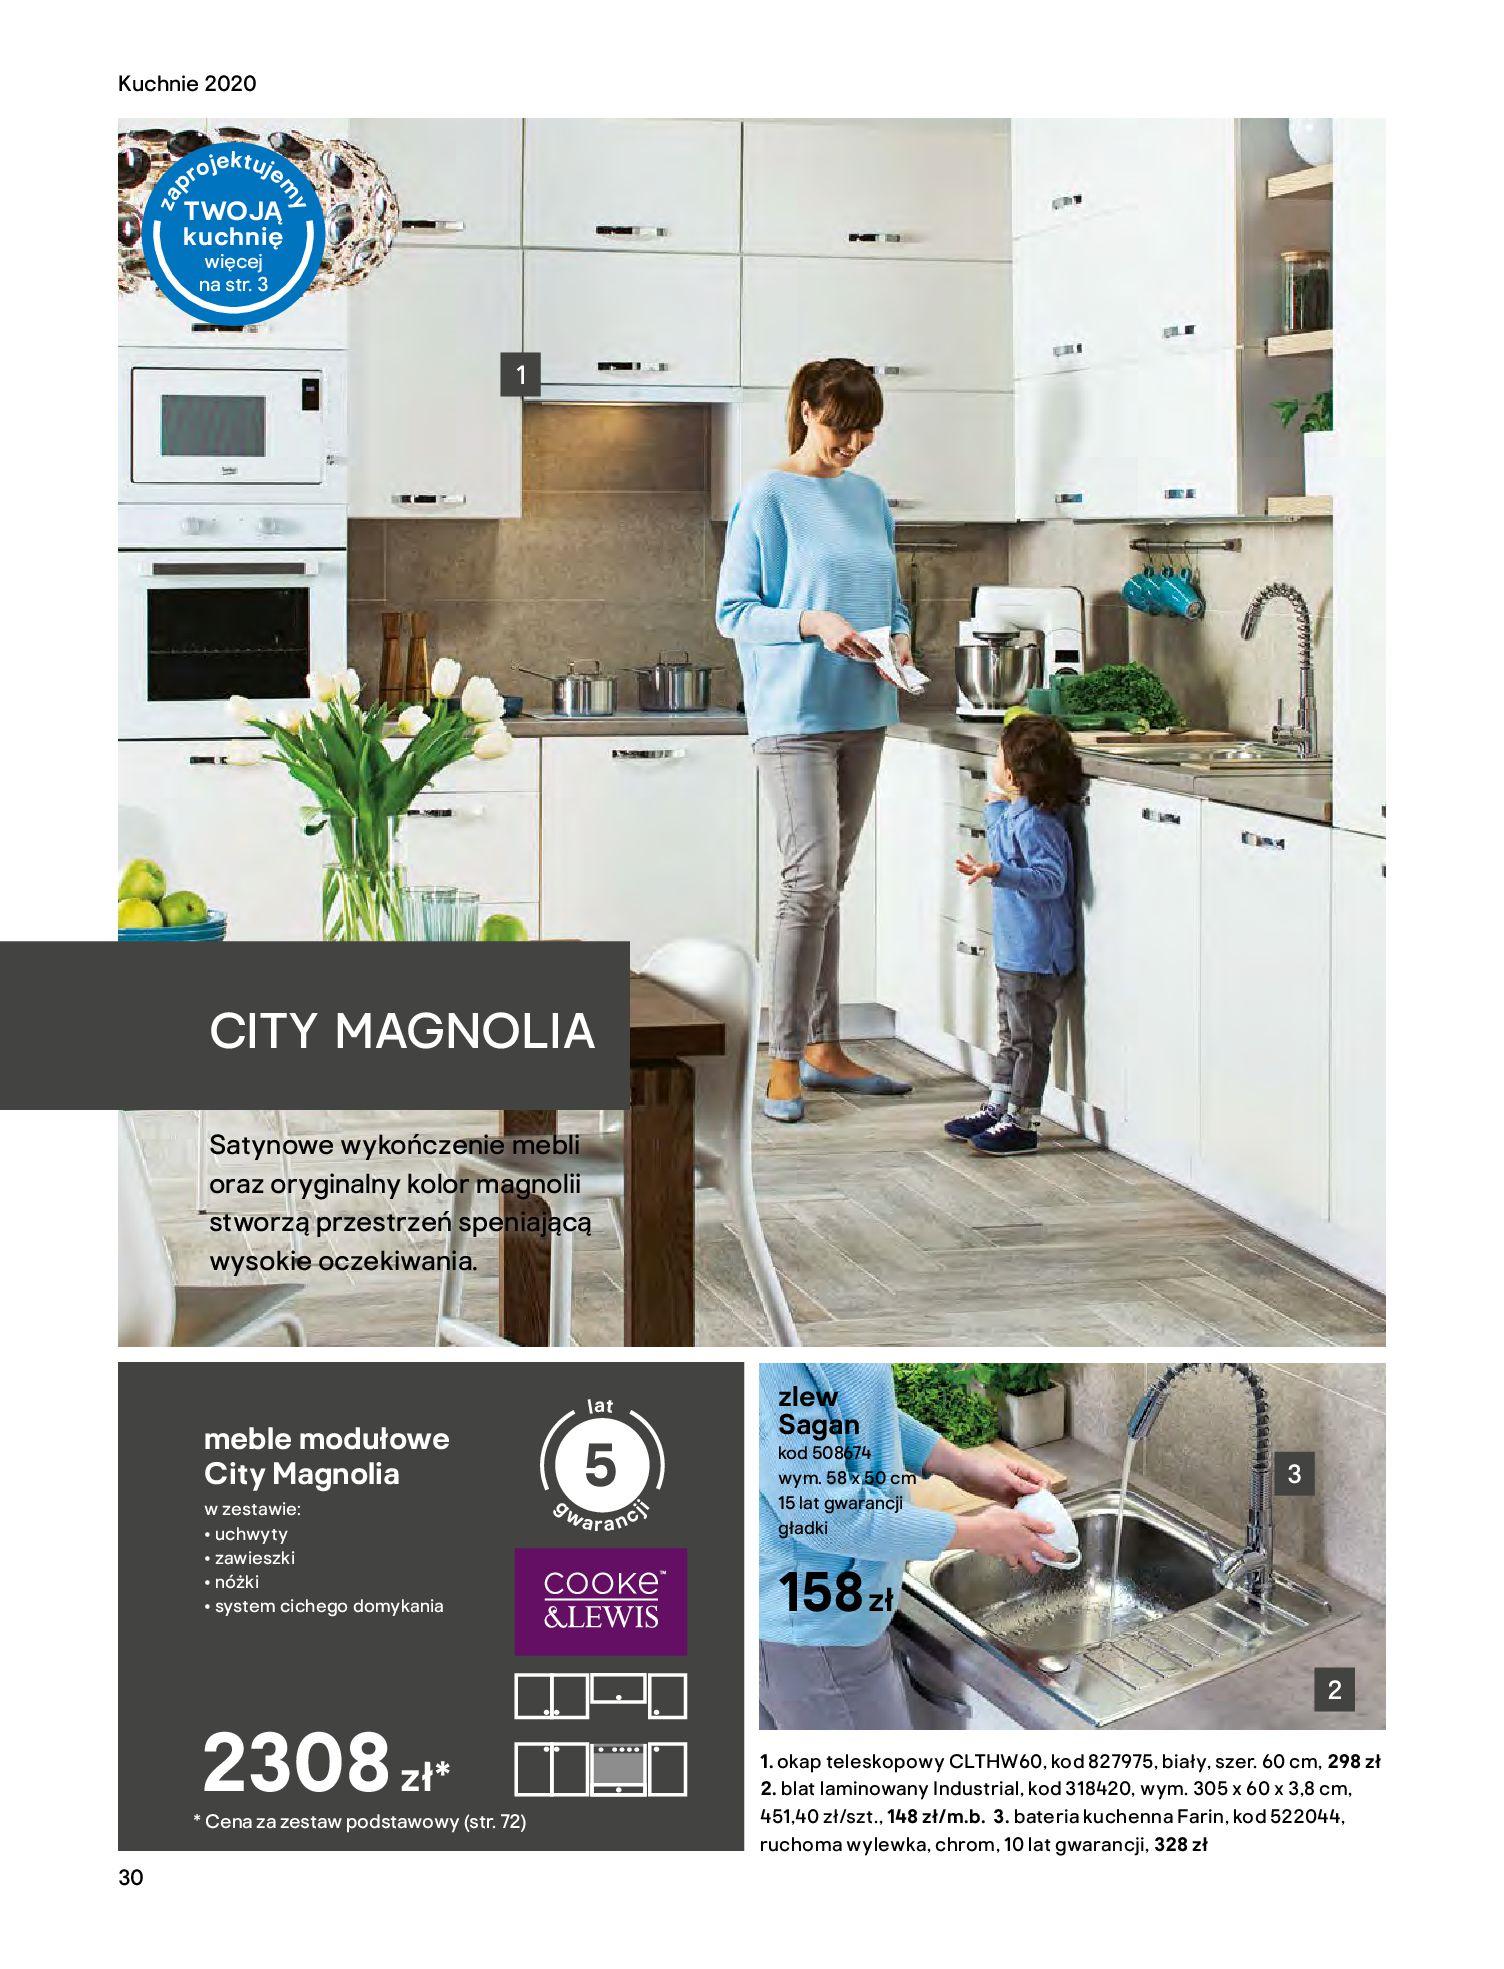 Gazetka Castorama - Katalog Kuchnie 2020-14.04.2020-31.12.2020-page-30